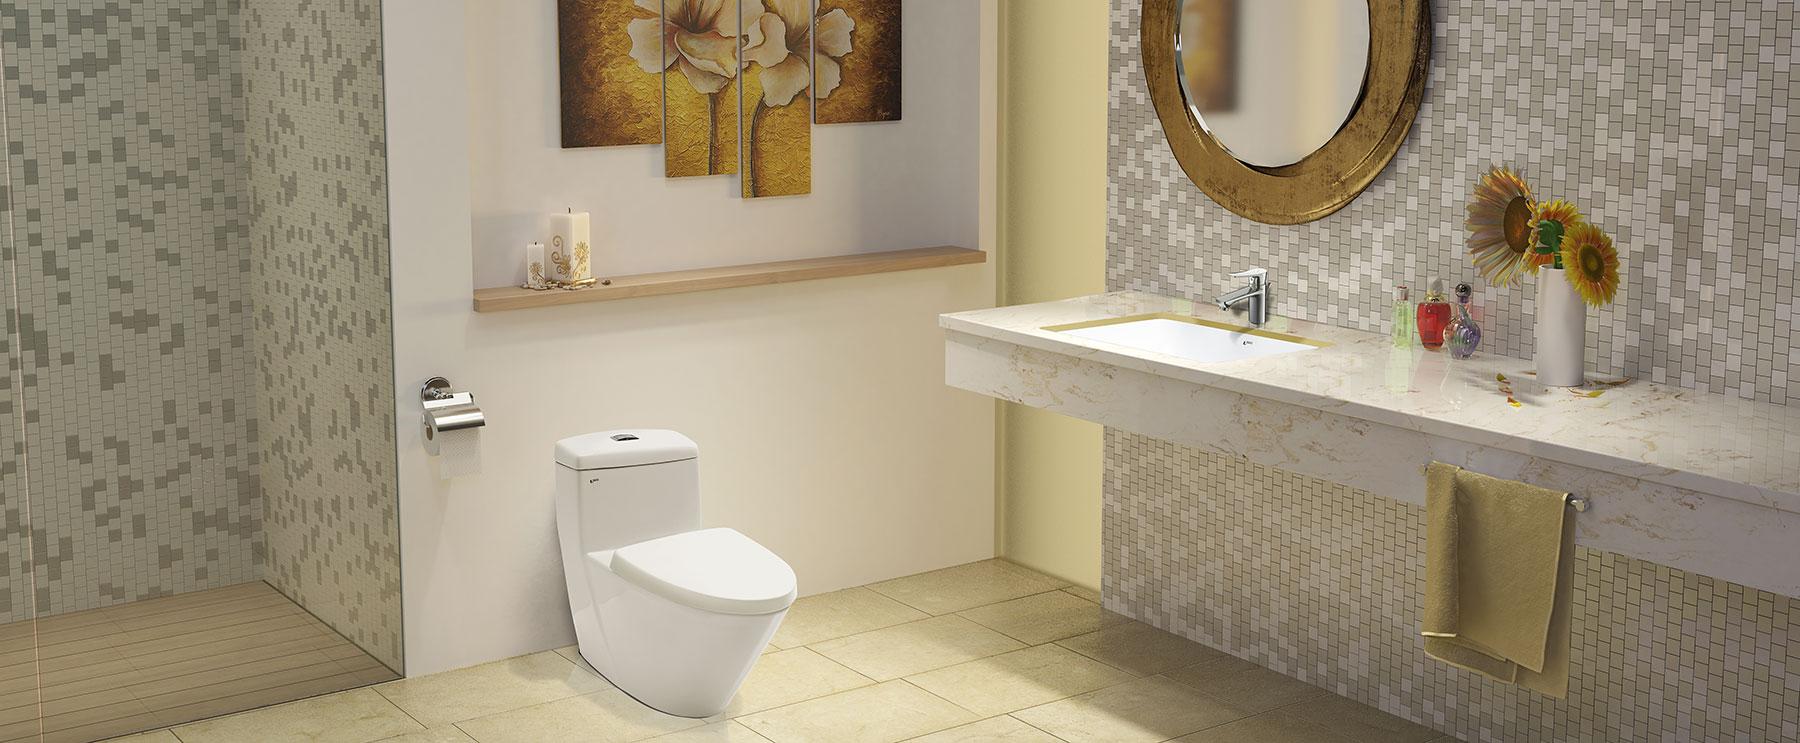 Chọn thiết bị vệ sinh giá rẻ cho nhà trọ chất lượng ở đâu?